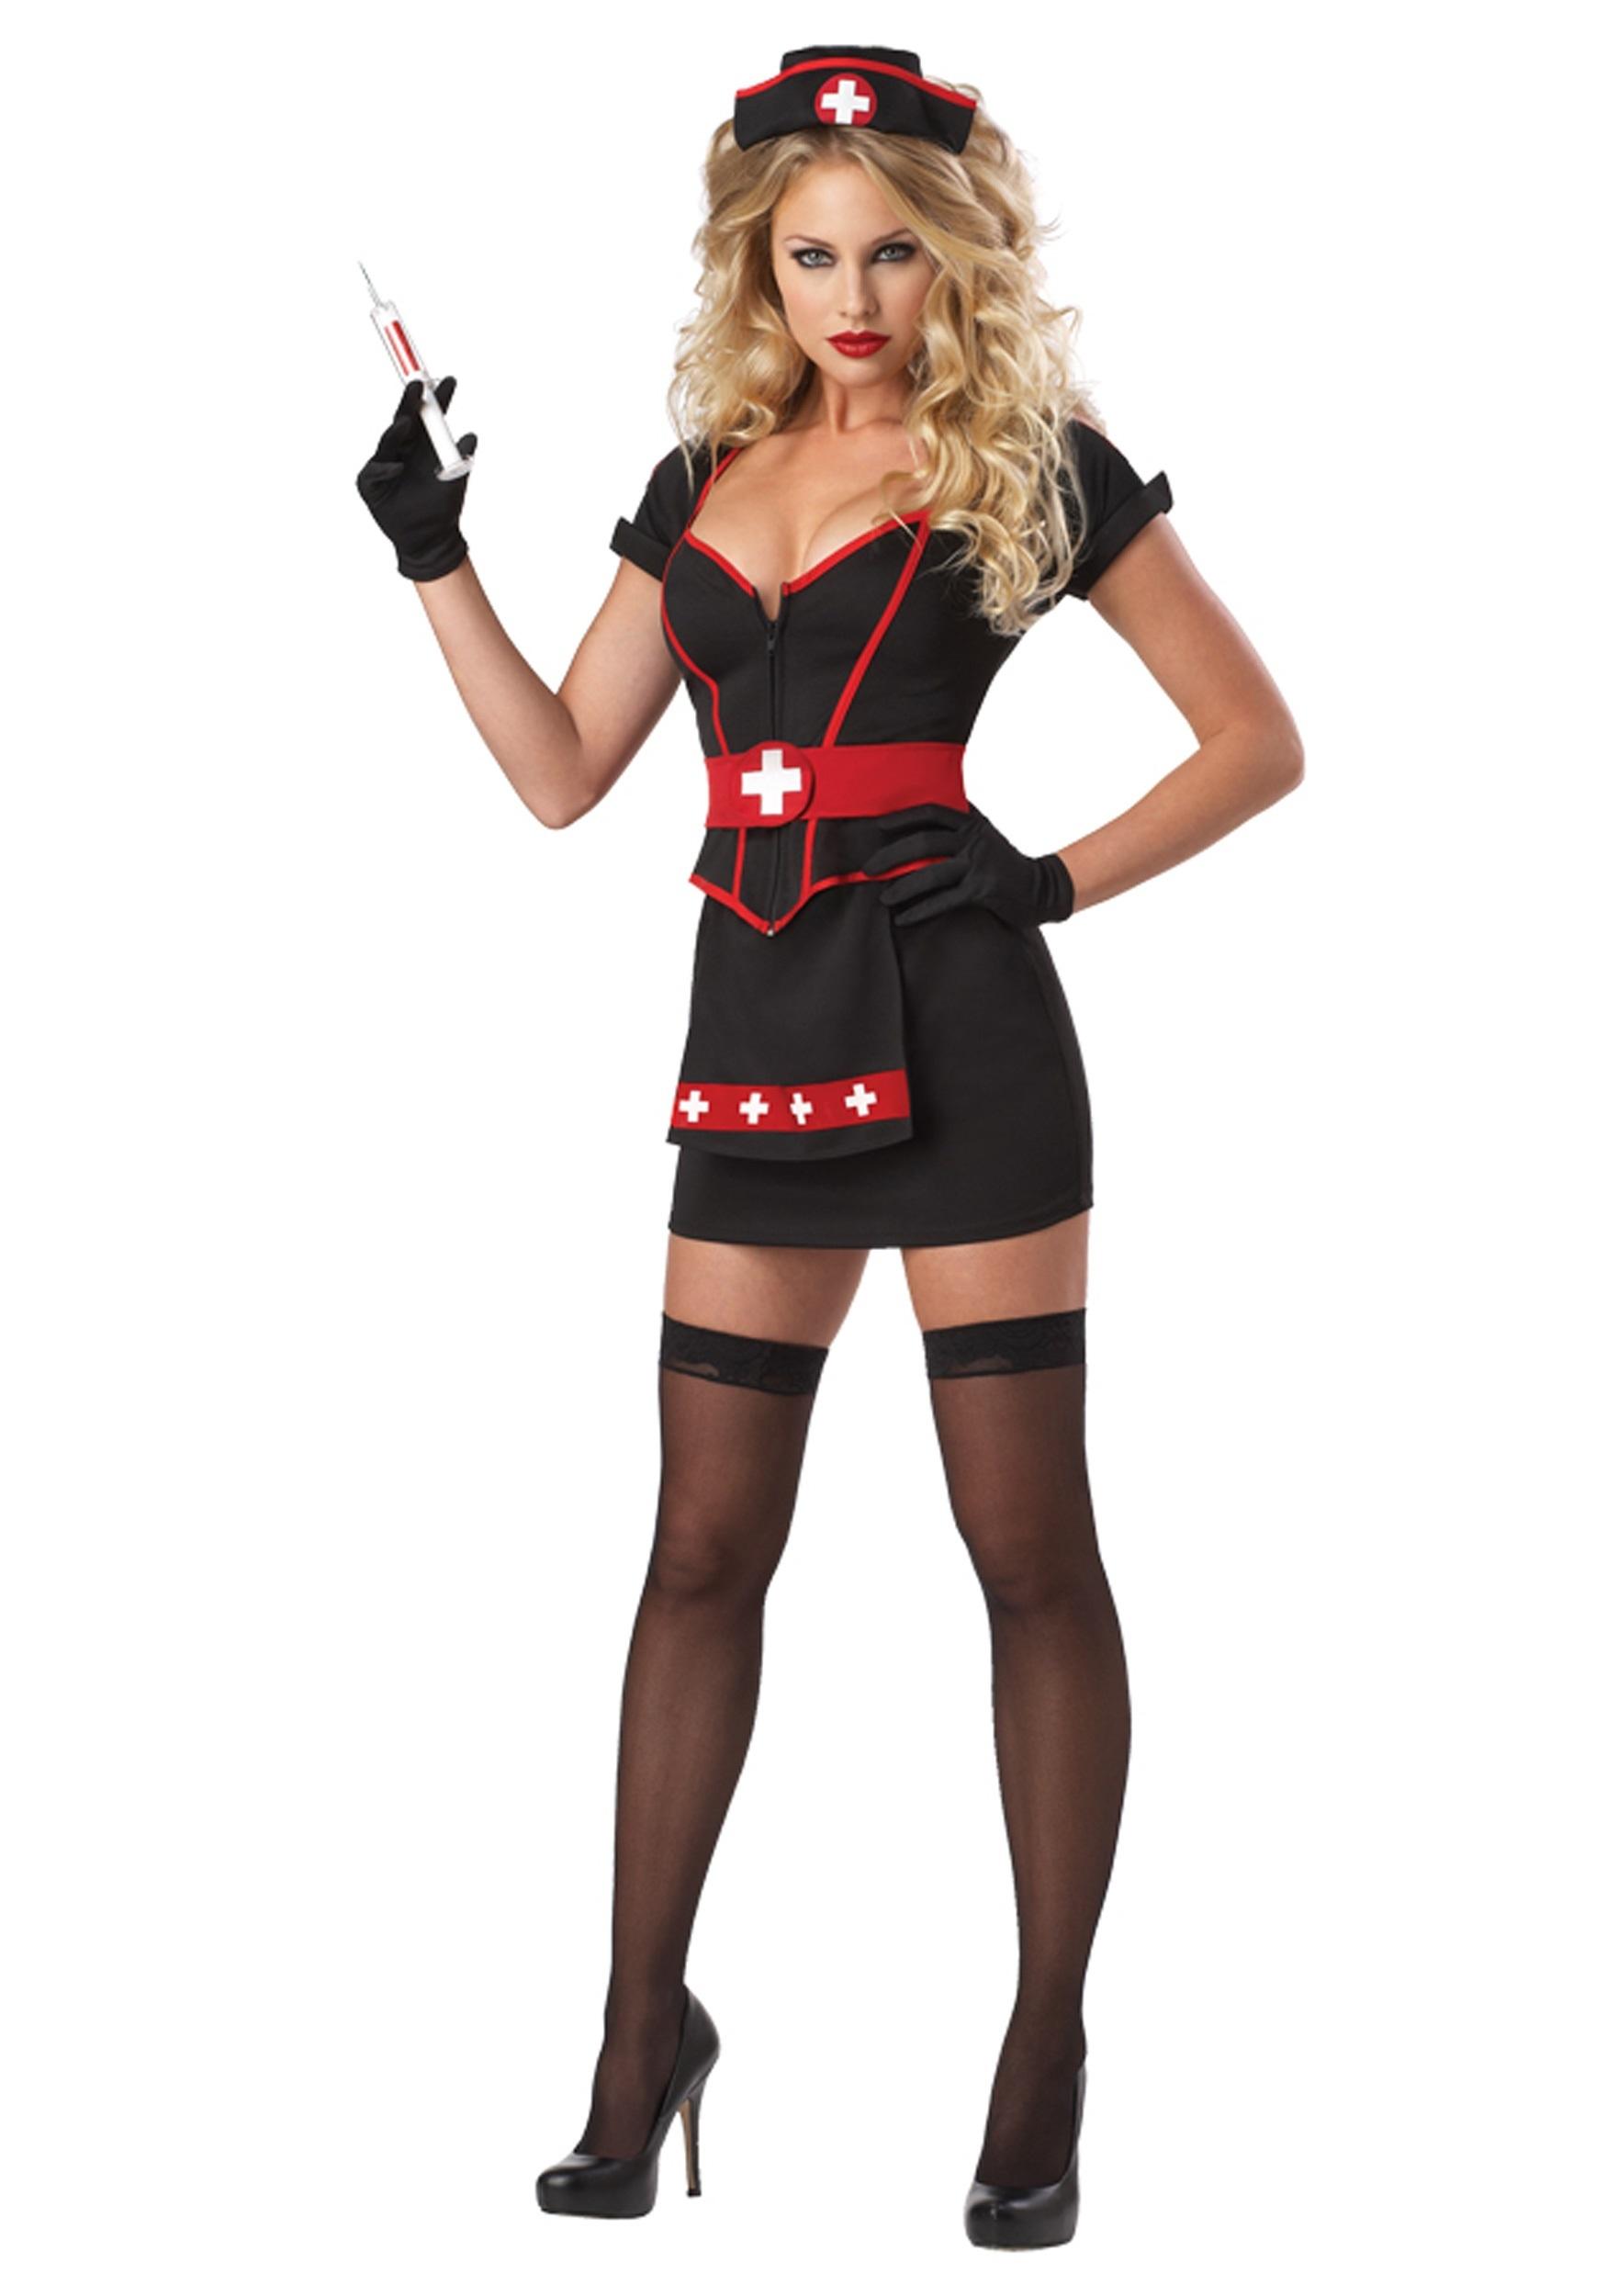 Womens Plus Size Cardiac Arrest Nurse Costume  sc 1 st  Halloween Costumes & Womens Plus Size Cardiac Arrest Nurse Costume - Halloween Costumes